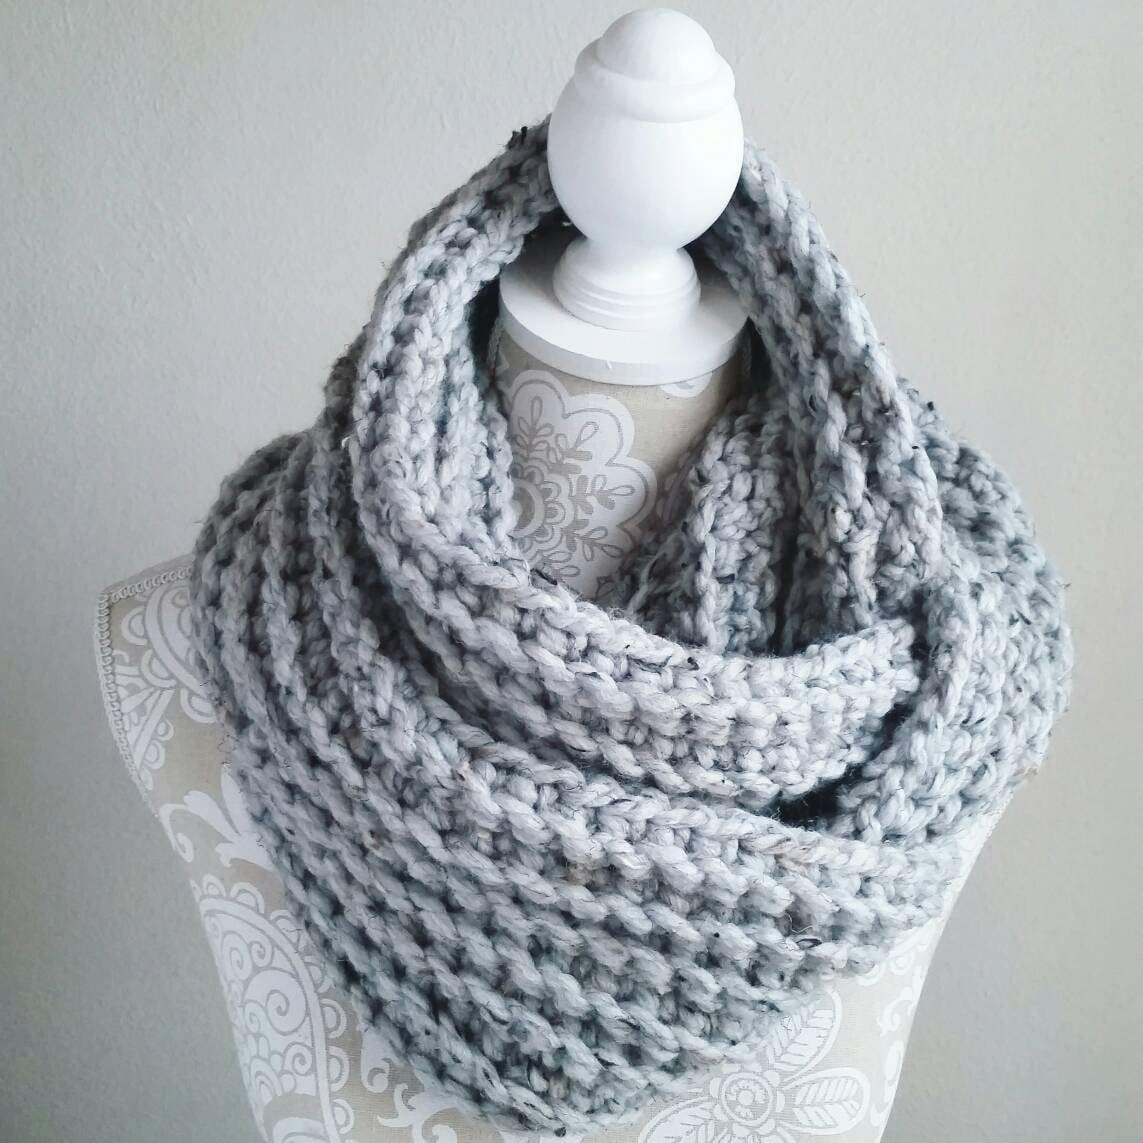 Crochet Infinity Scarf PATTERN, Crochet pattern, DIY crochet scarf, Beginner ...